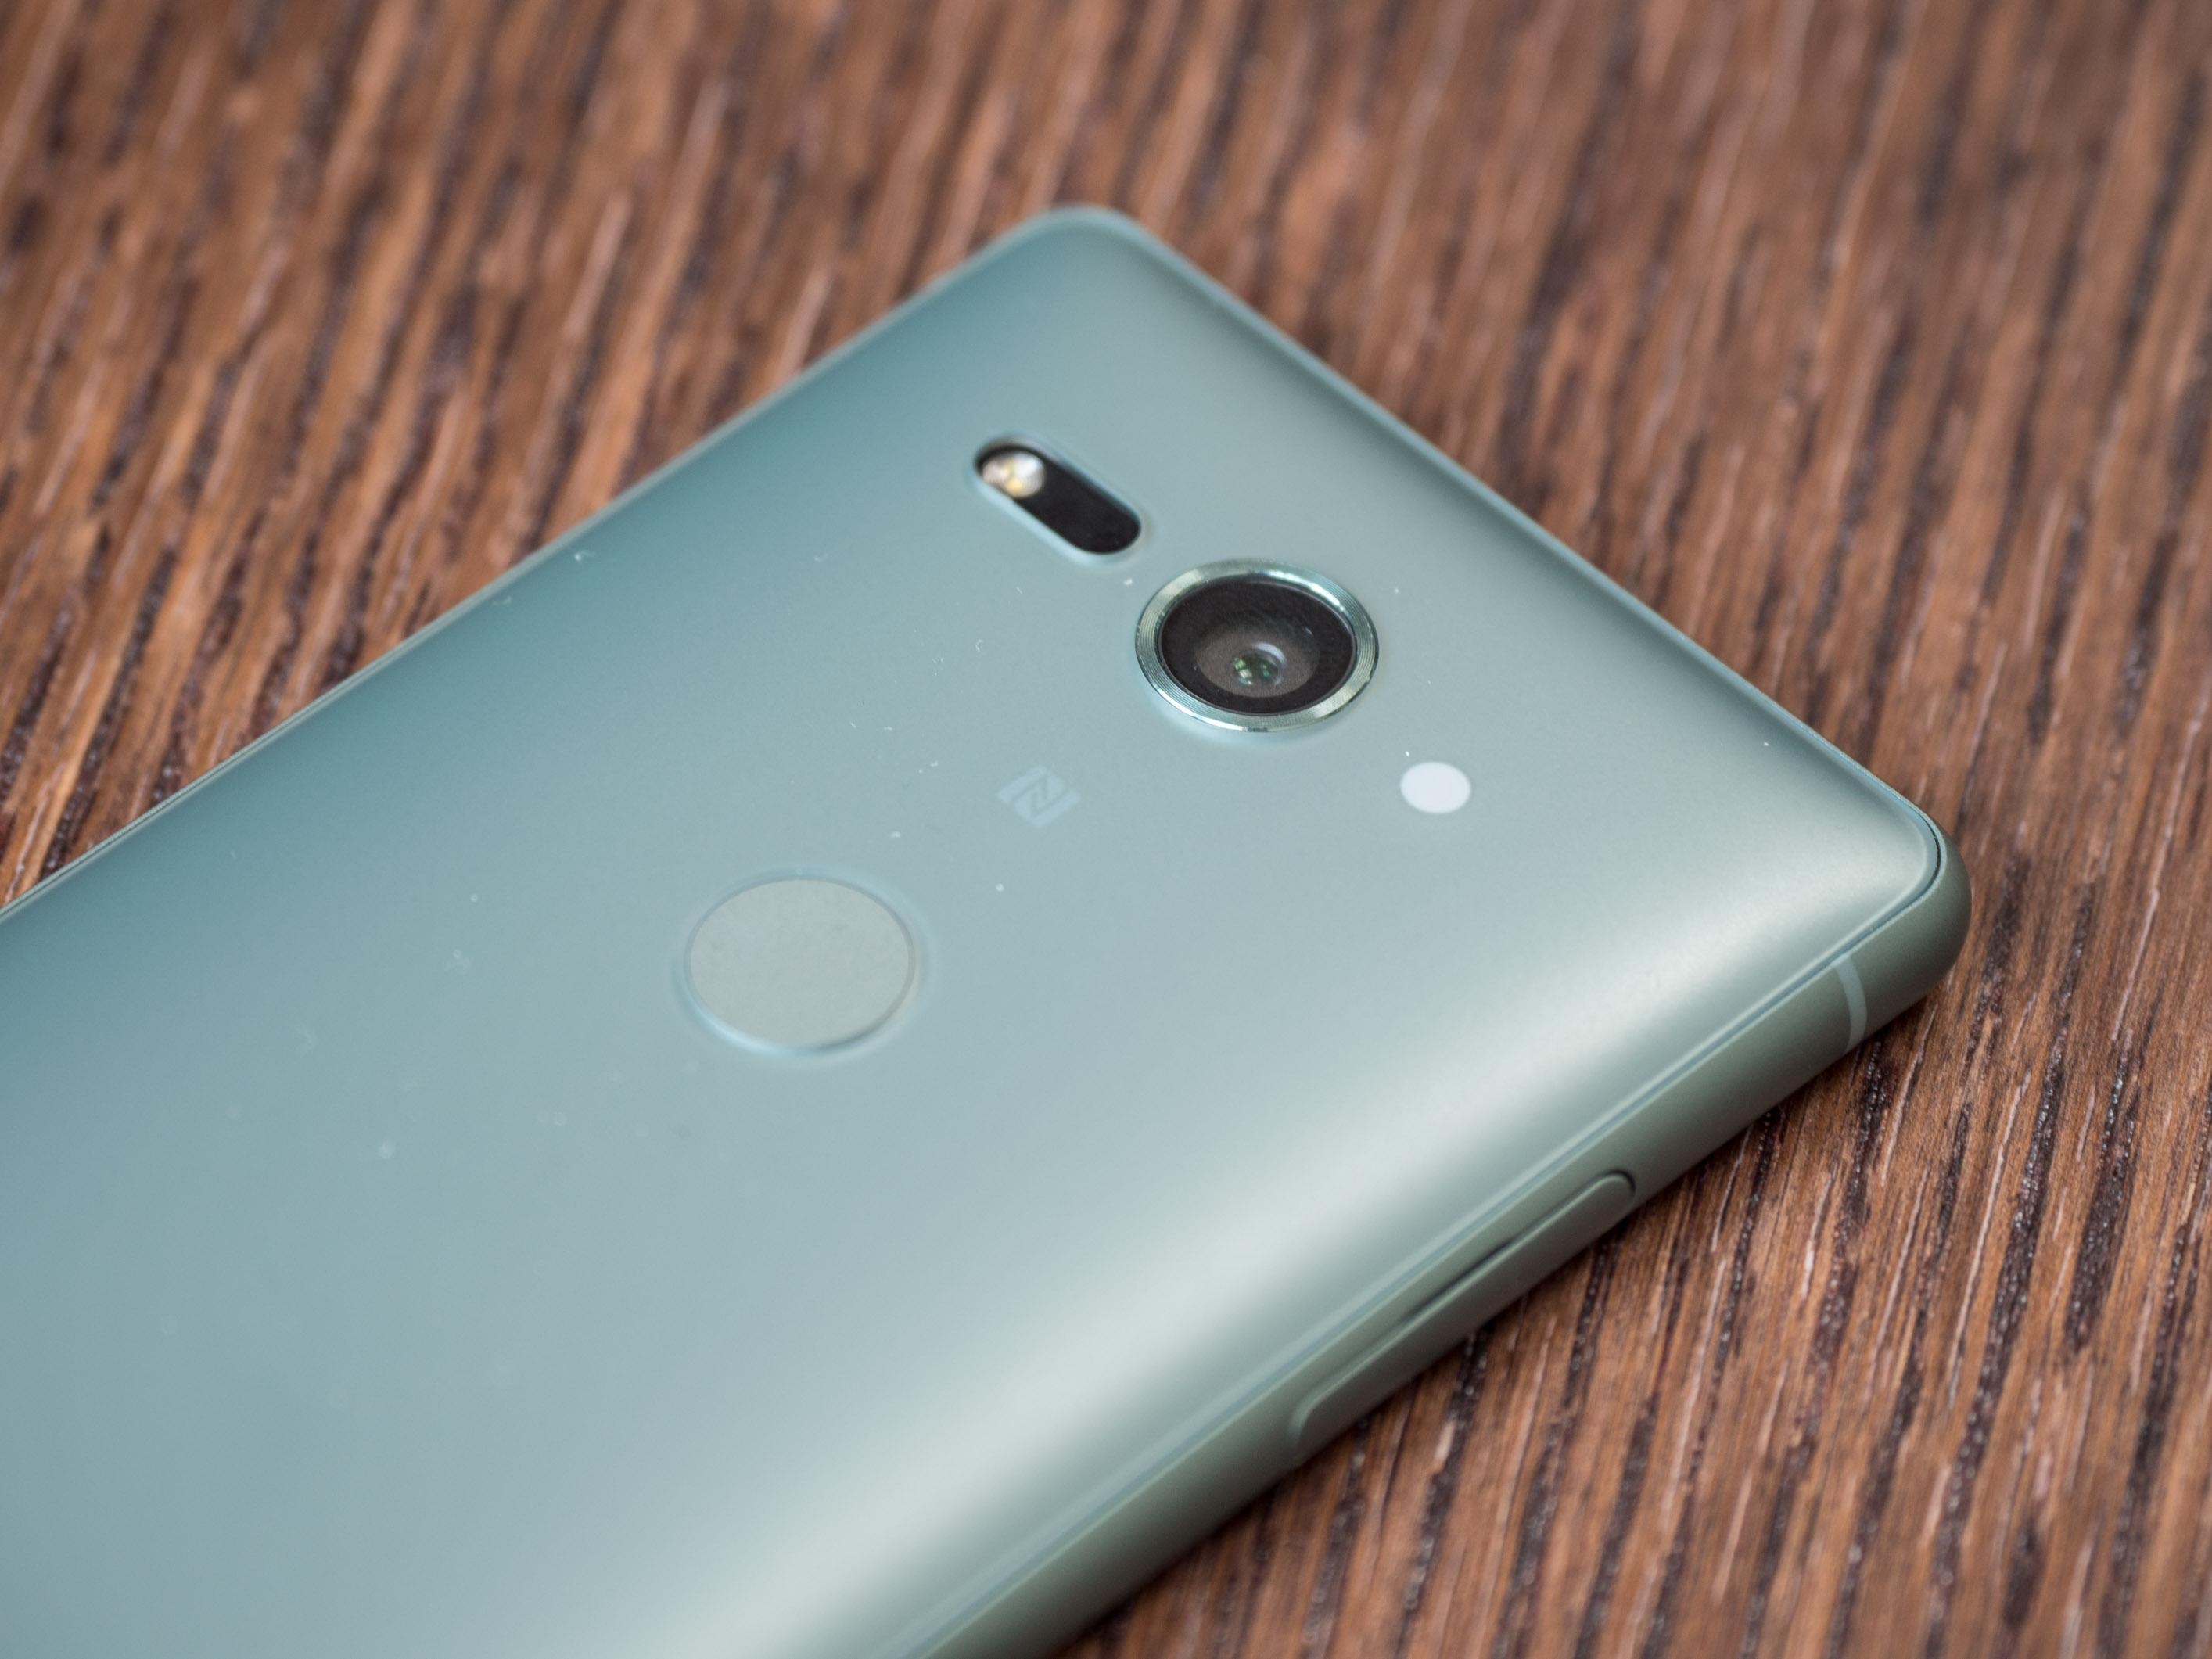 Xperia XZ2 Compact im Hands on: Sony schrumpft wieder das Oberklasse-Smartphone - Die Kamera ist das gleiche 19-Megapixel-Modul wie beim Xperia XZ2. (Bild: Martin Wolf/Golem.de)